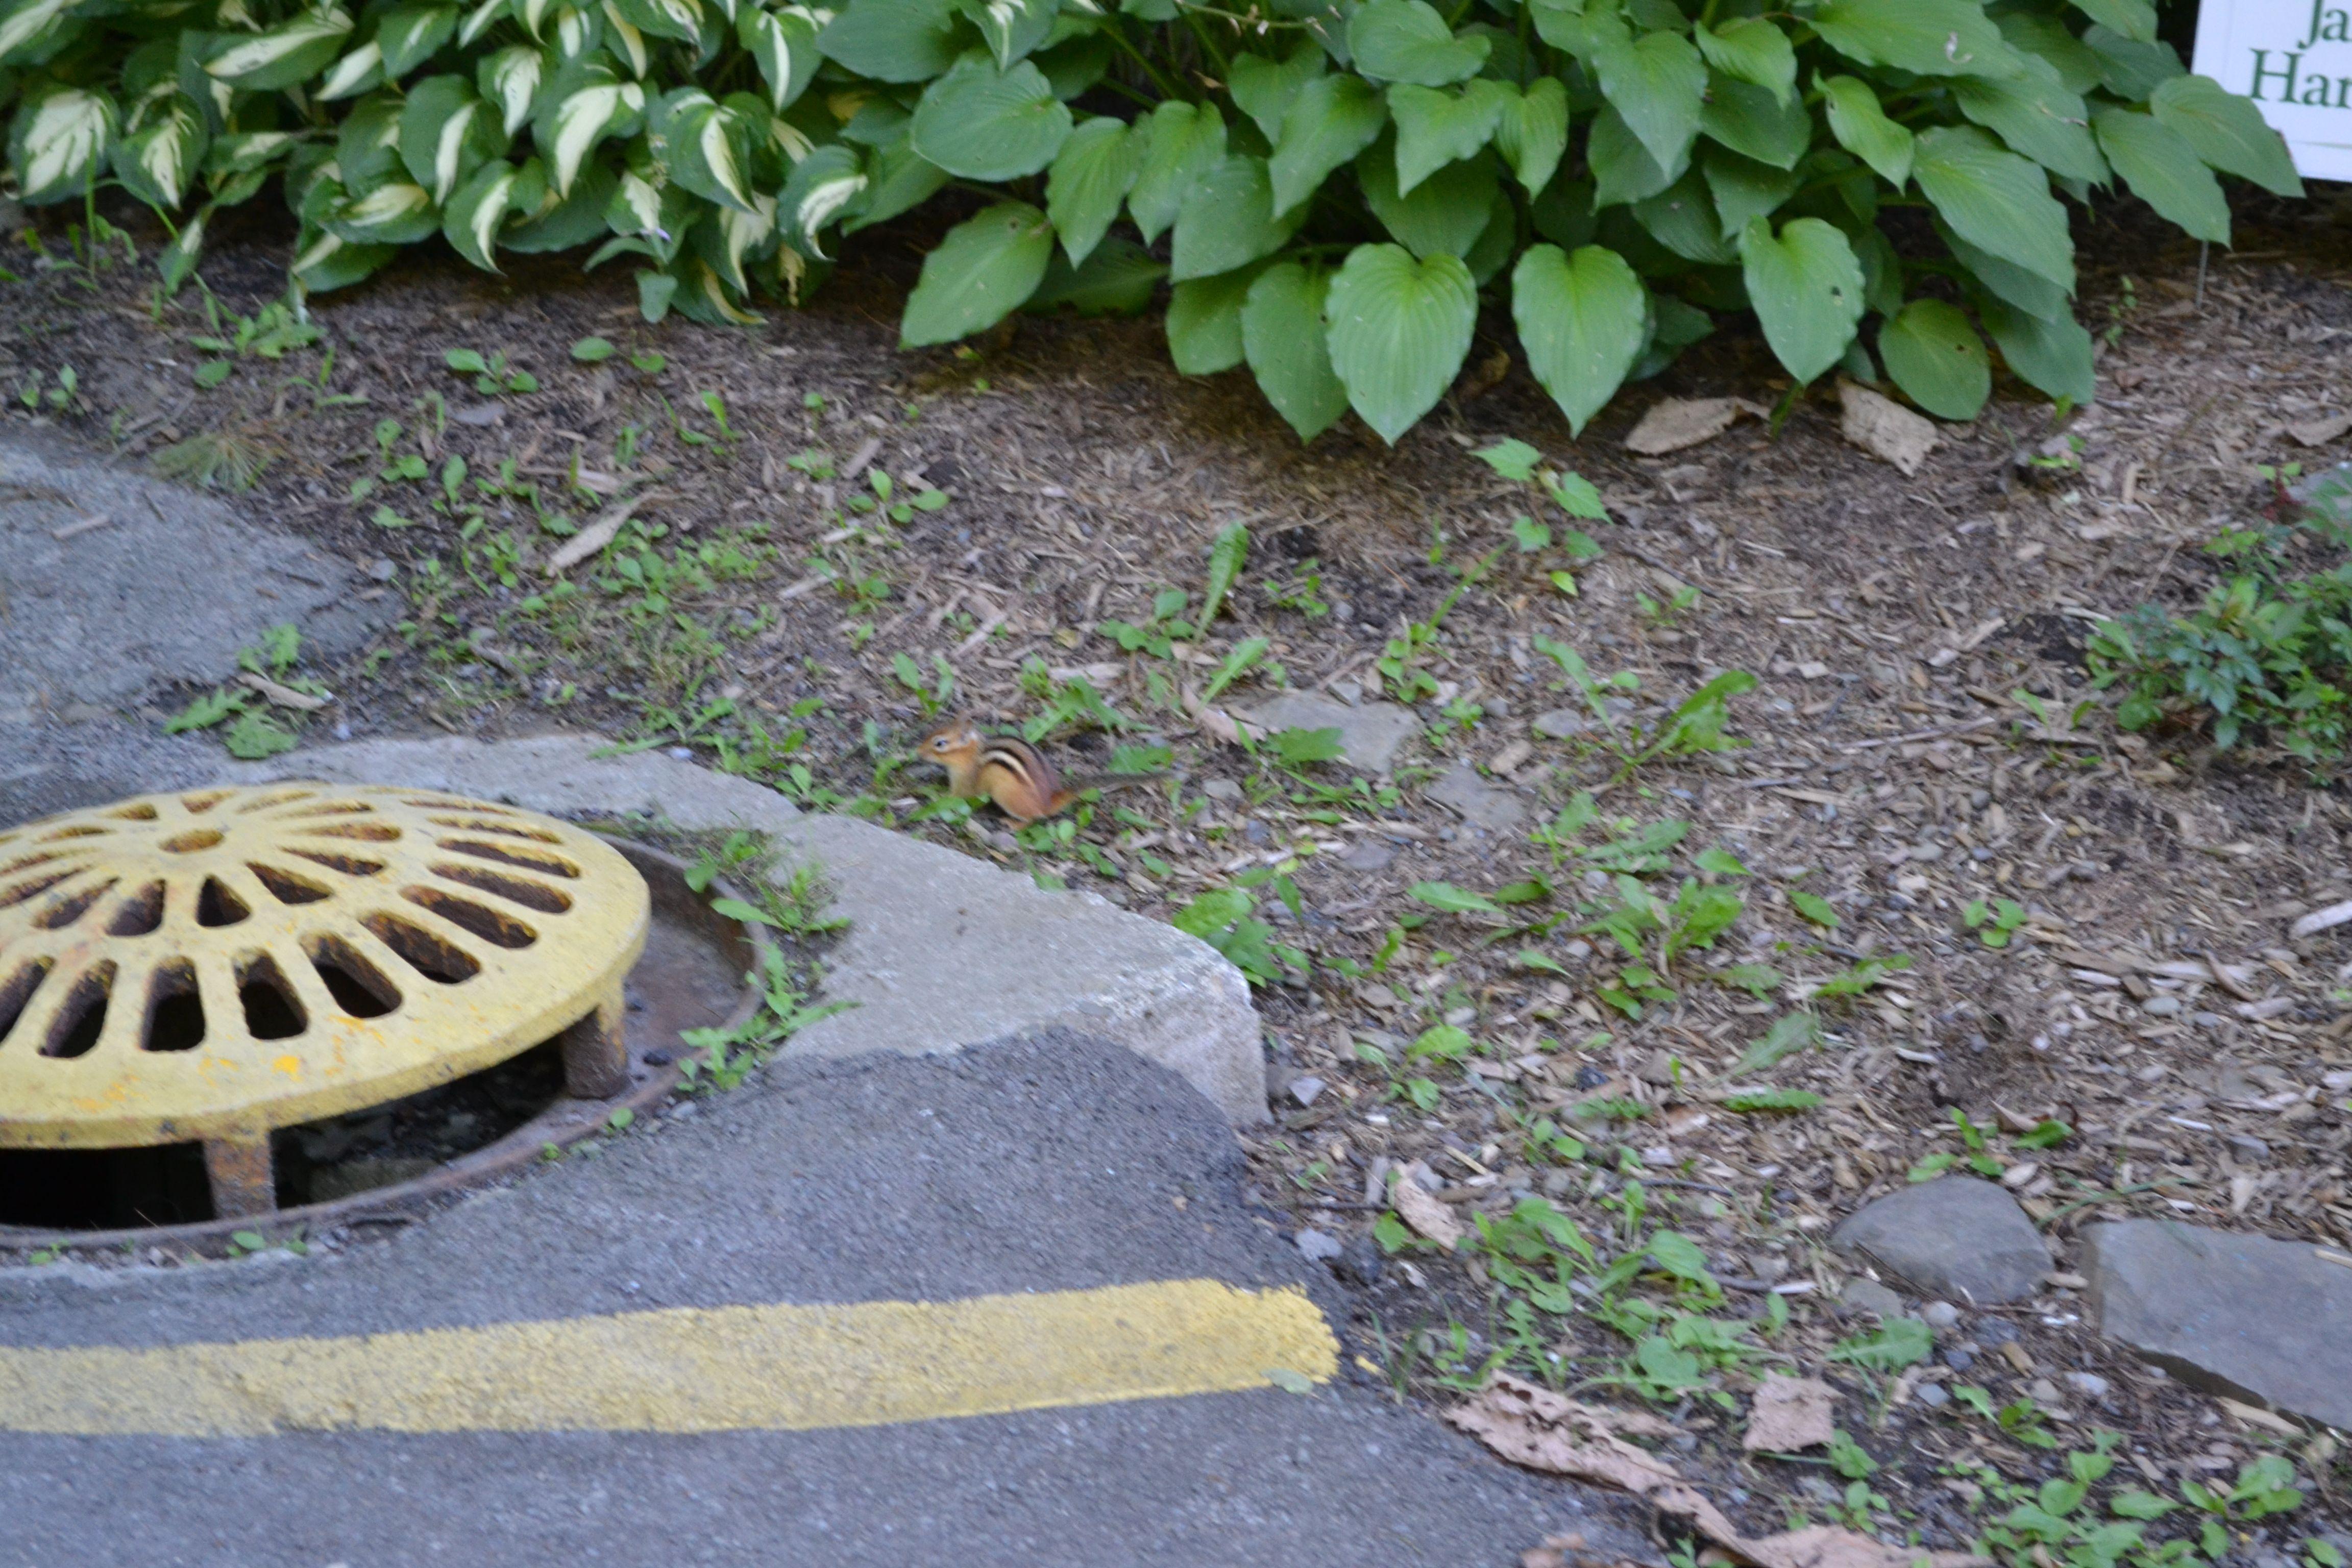 A wild chipmunk approaches outdoor decor outdoor decor